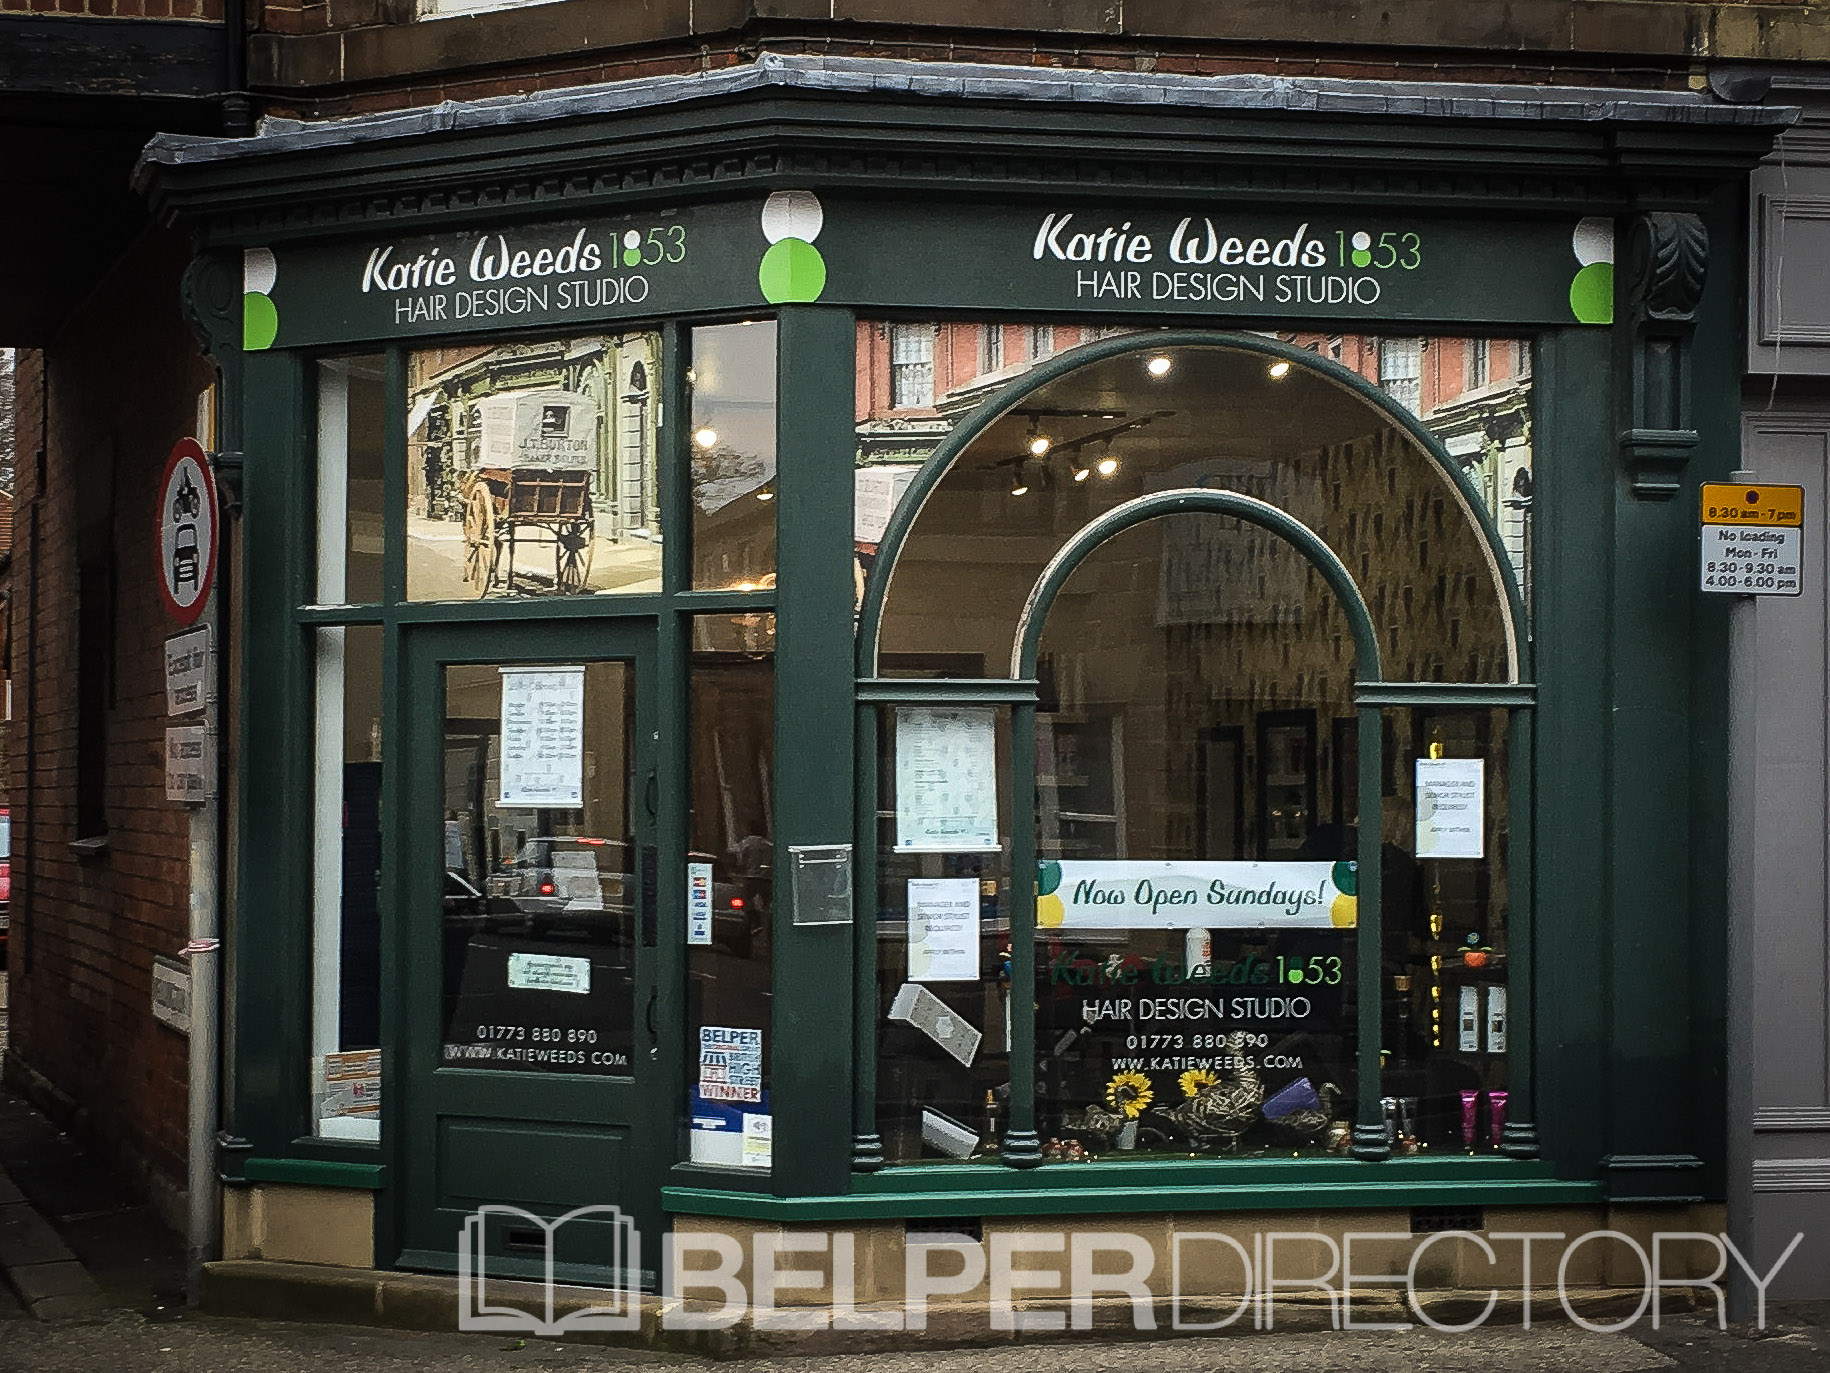 Belper Directory- Katie Weeds Hair Design Studio.jpg